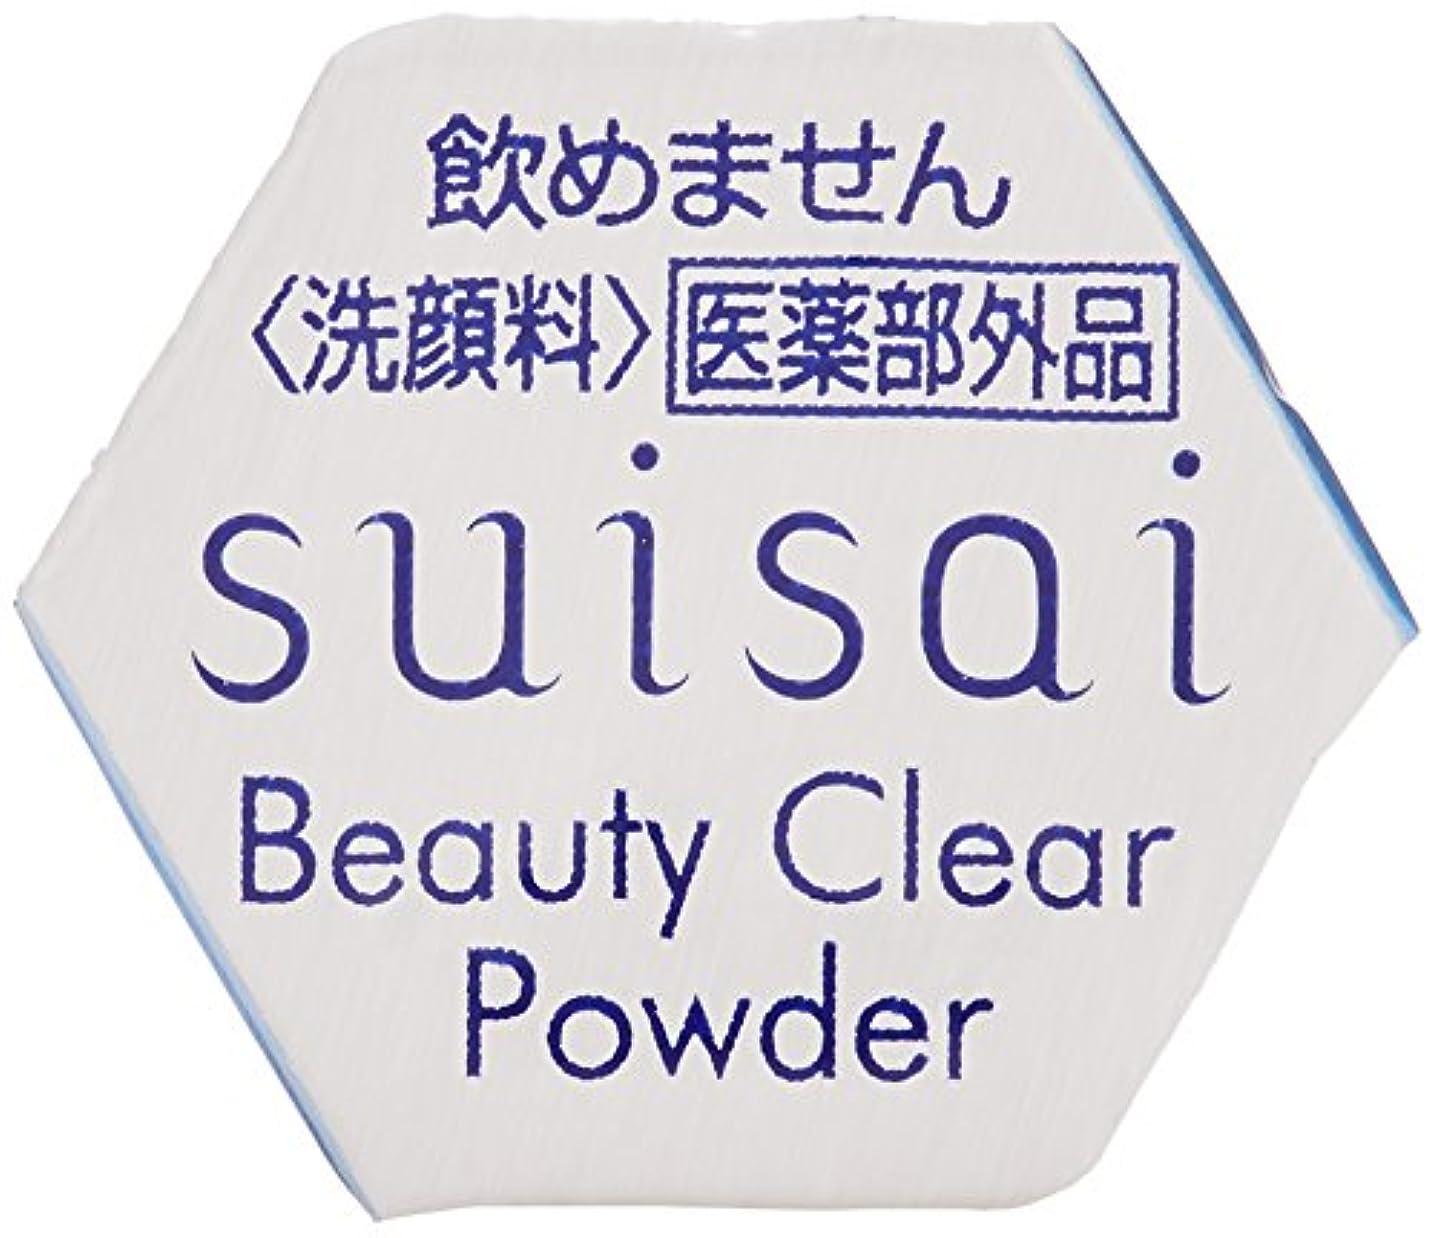 段落確かめるプライムsuisai ビューティ クリアパウダーa 0.4gx32個 洗顔料 アウトレット